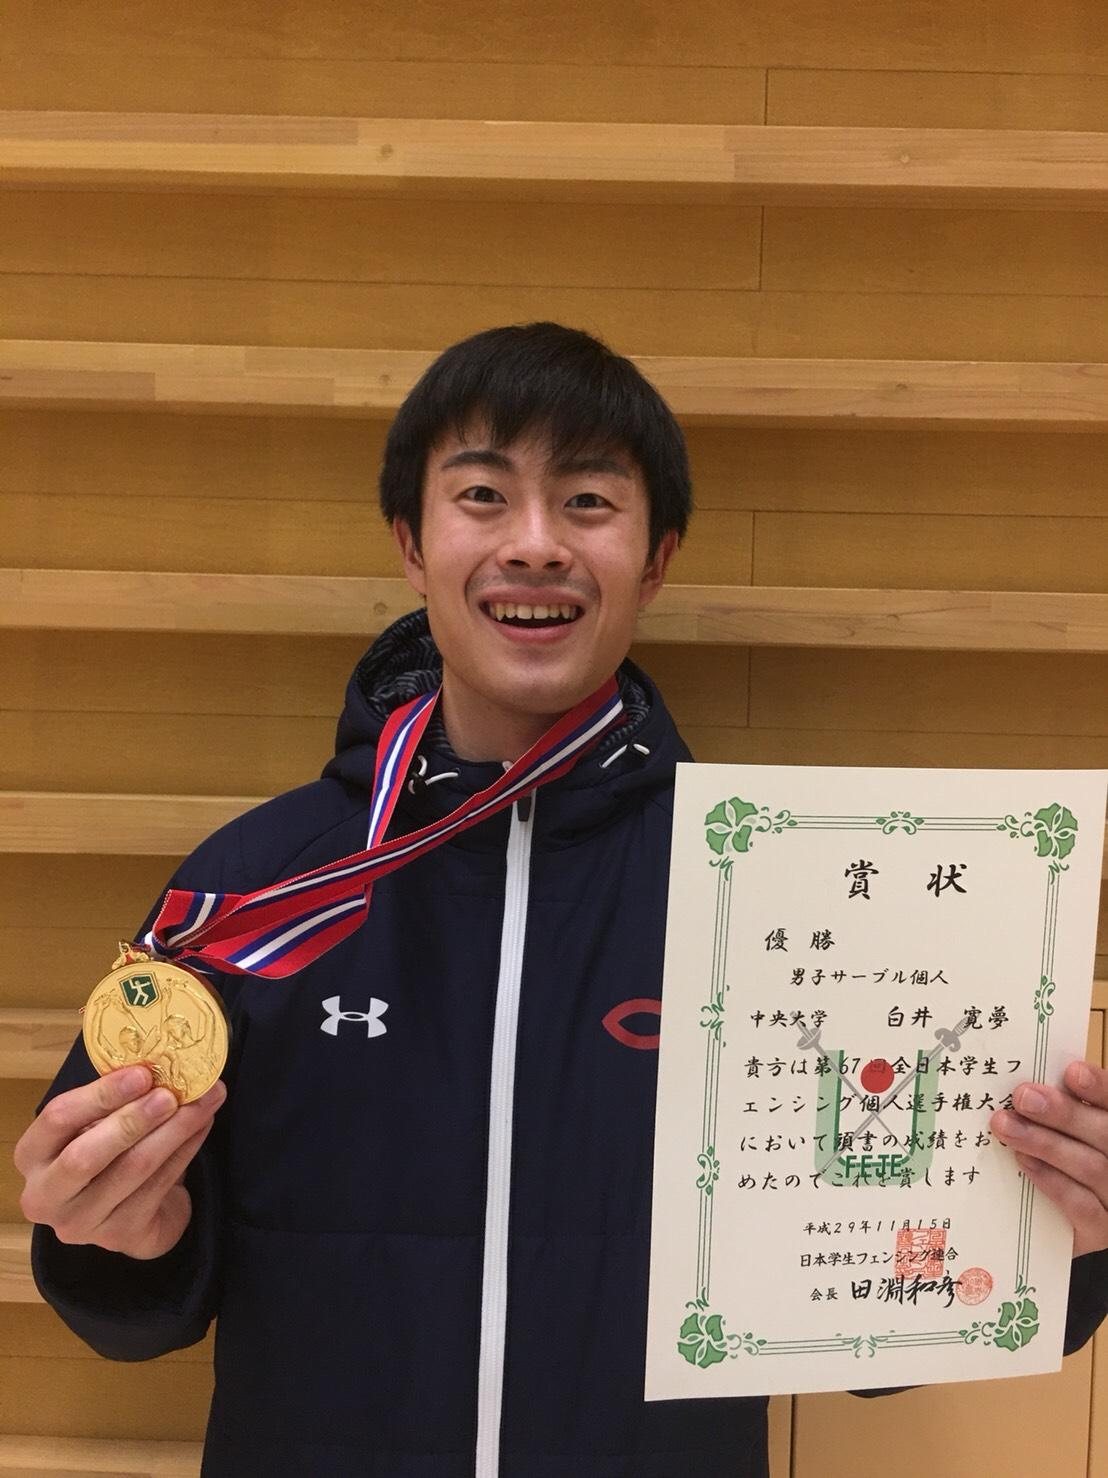 MS個人優勝者白井寛夢